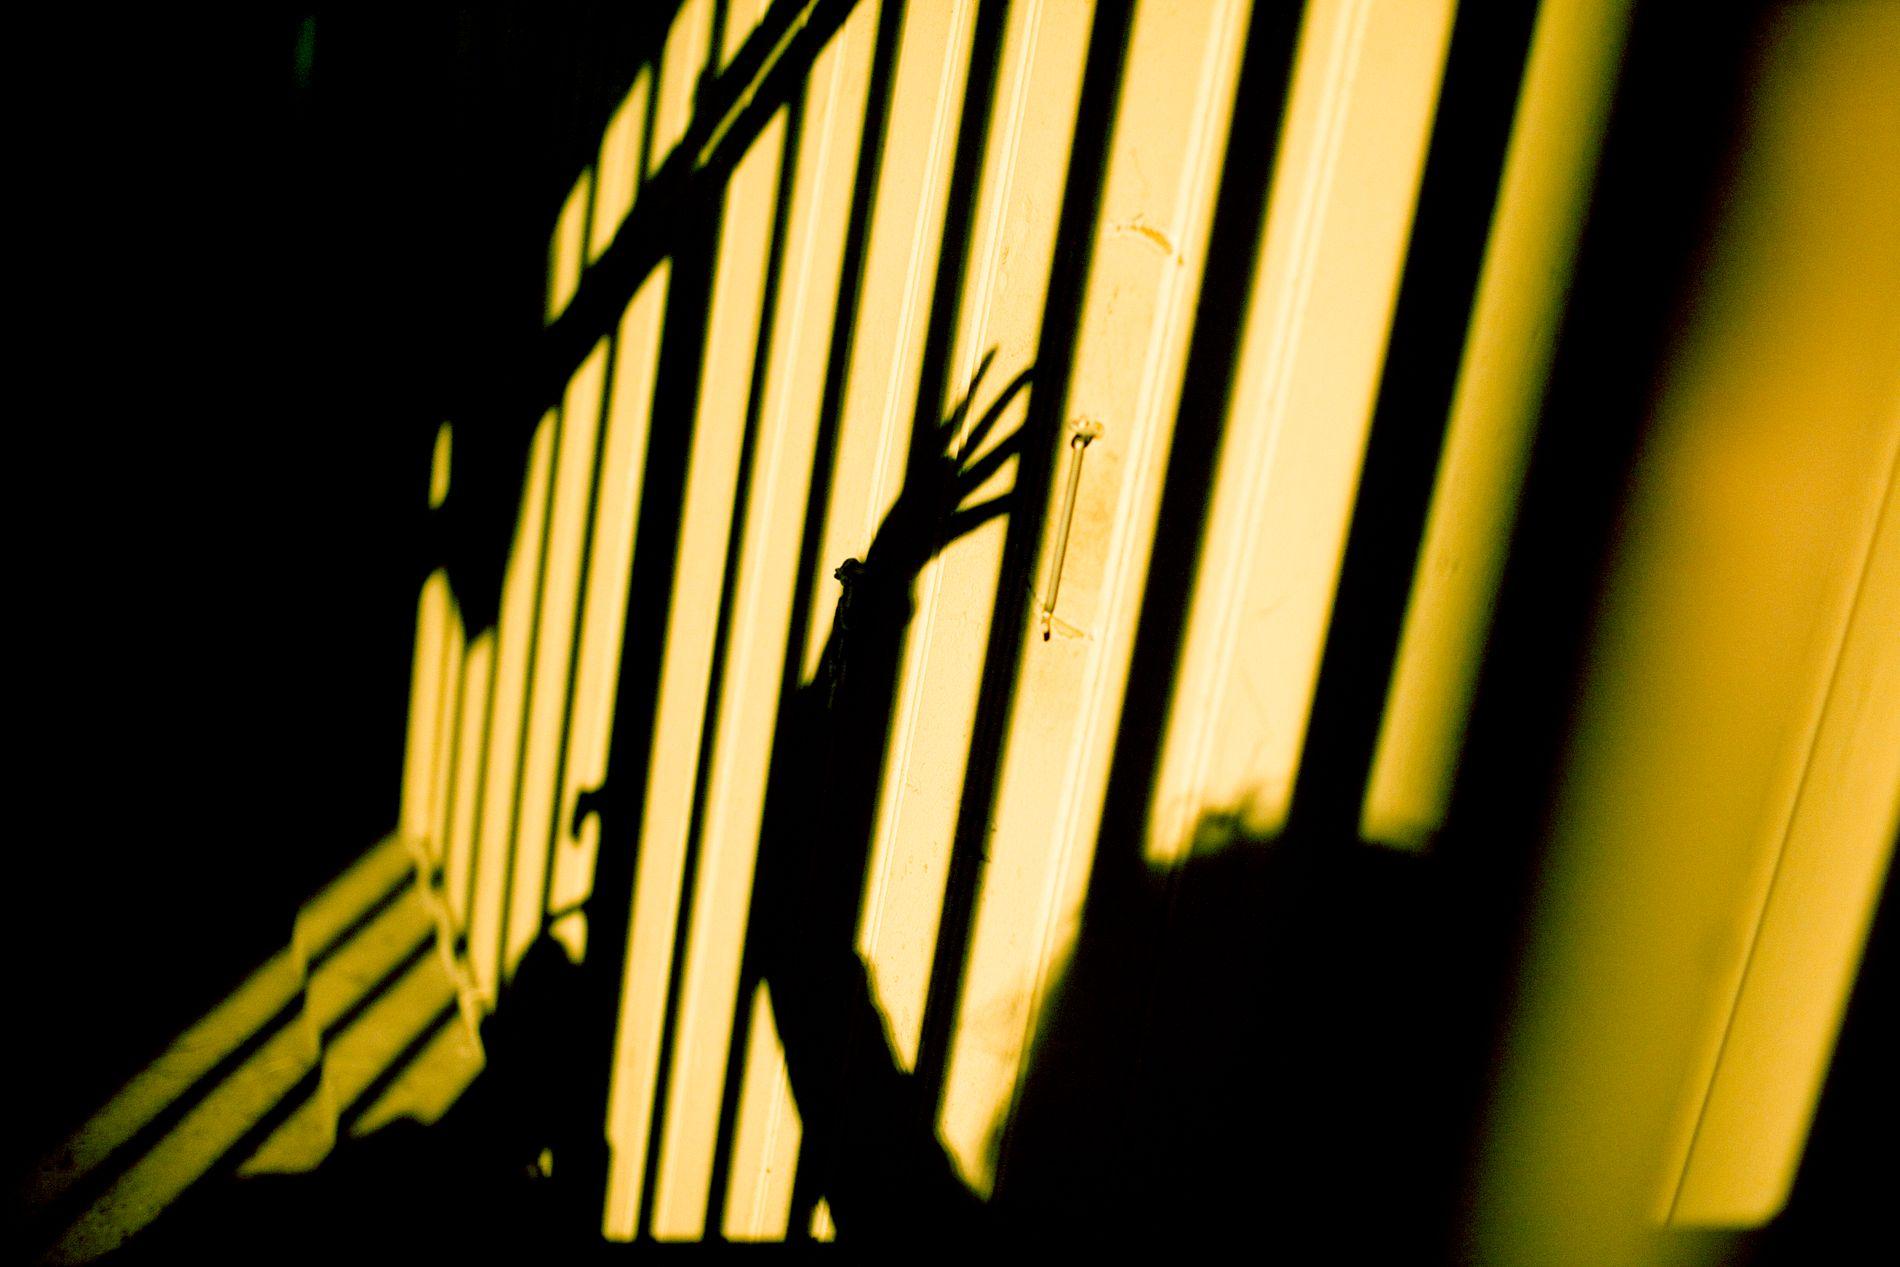 VOLDTEKT: –  Vi må kreve at alle typer voldtekter blir kriminalisert, skriver kronikkforfatteren.